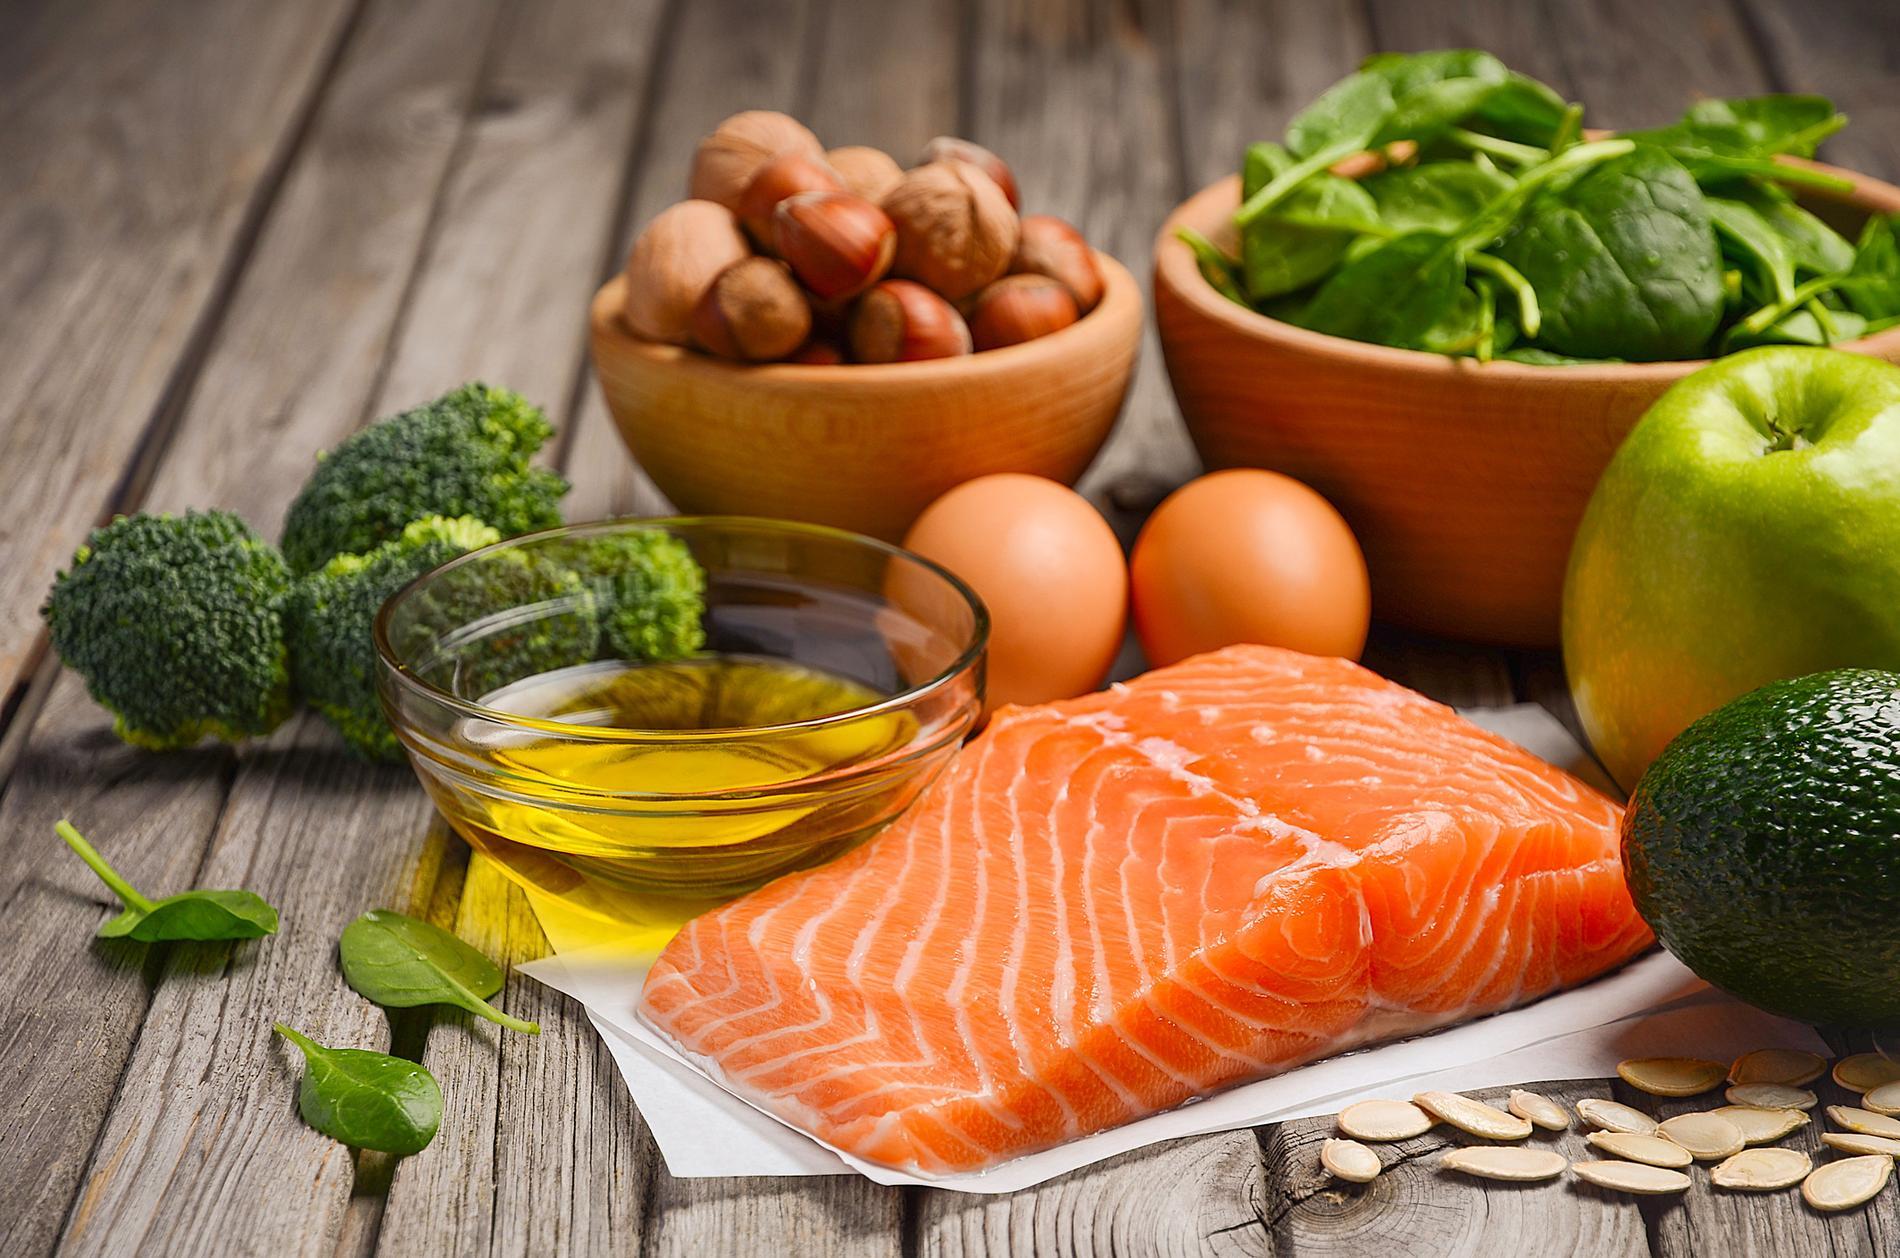 Диета Овощи Яйца. Яичная диета для похудения